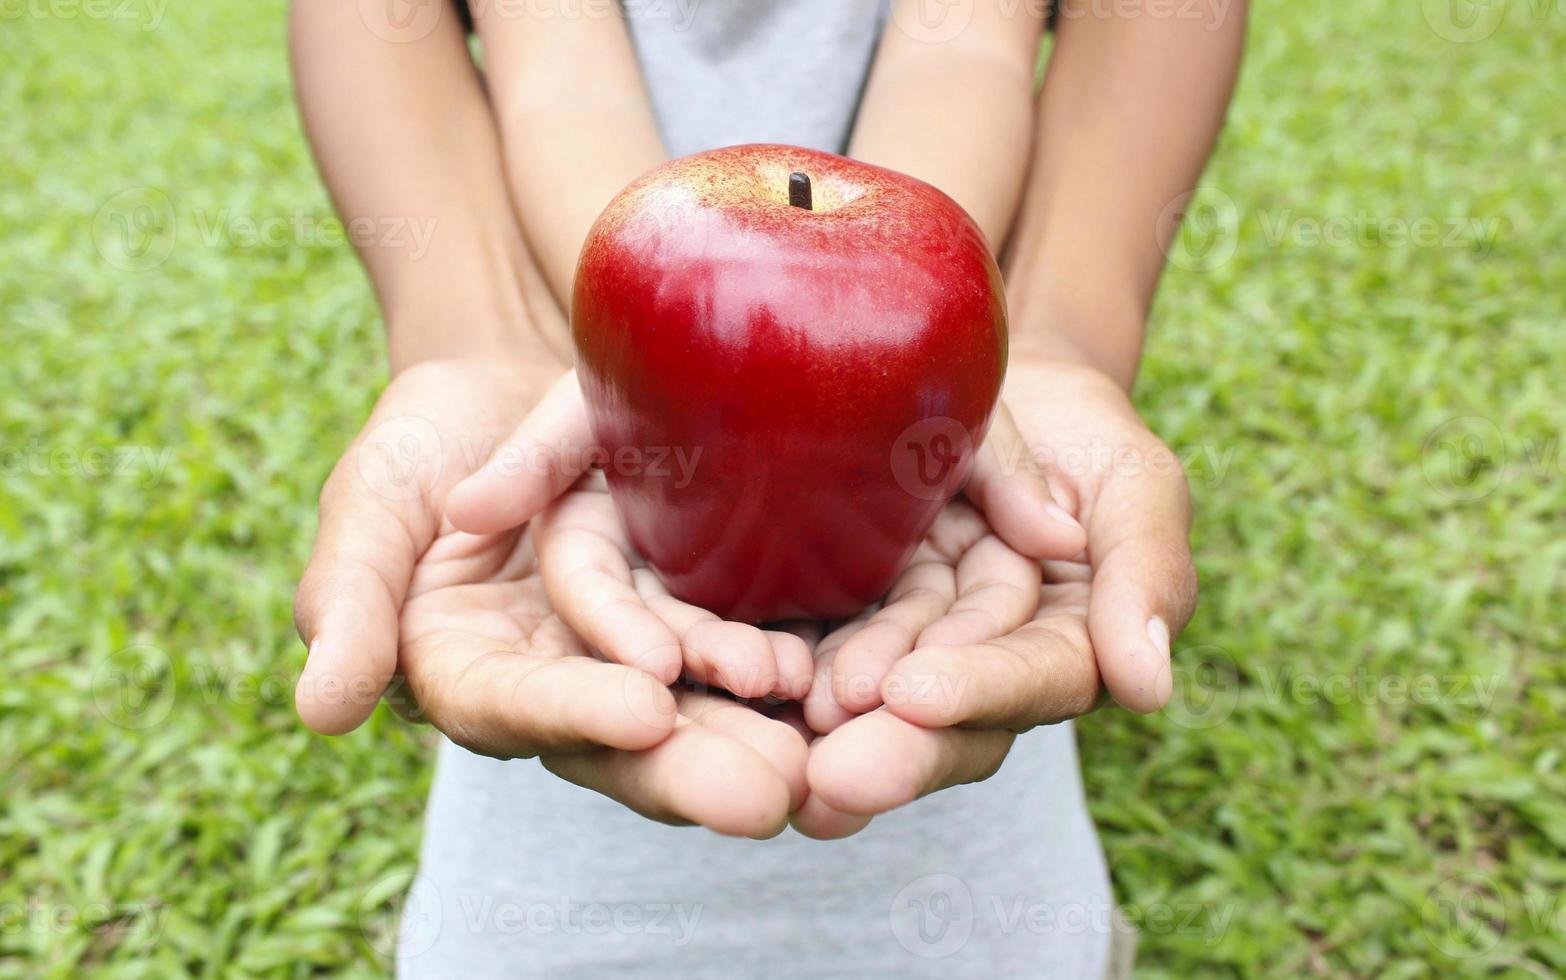 erwachsene Hände, die Kinderhände mit rotem Apfel halten foto